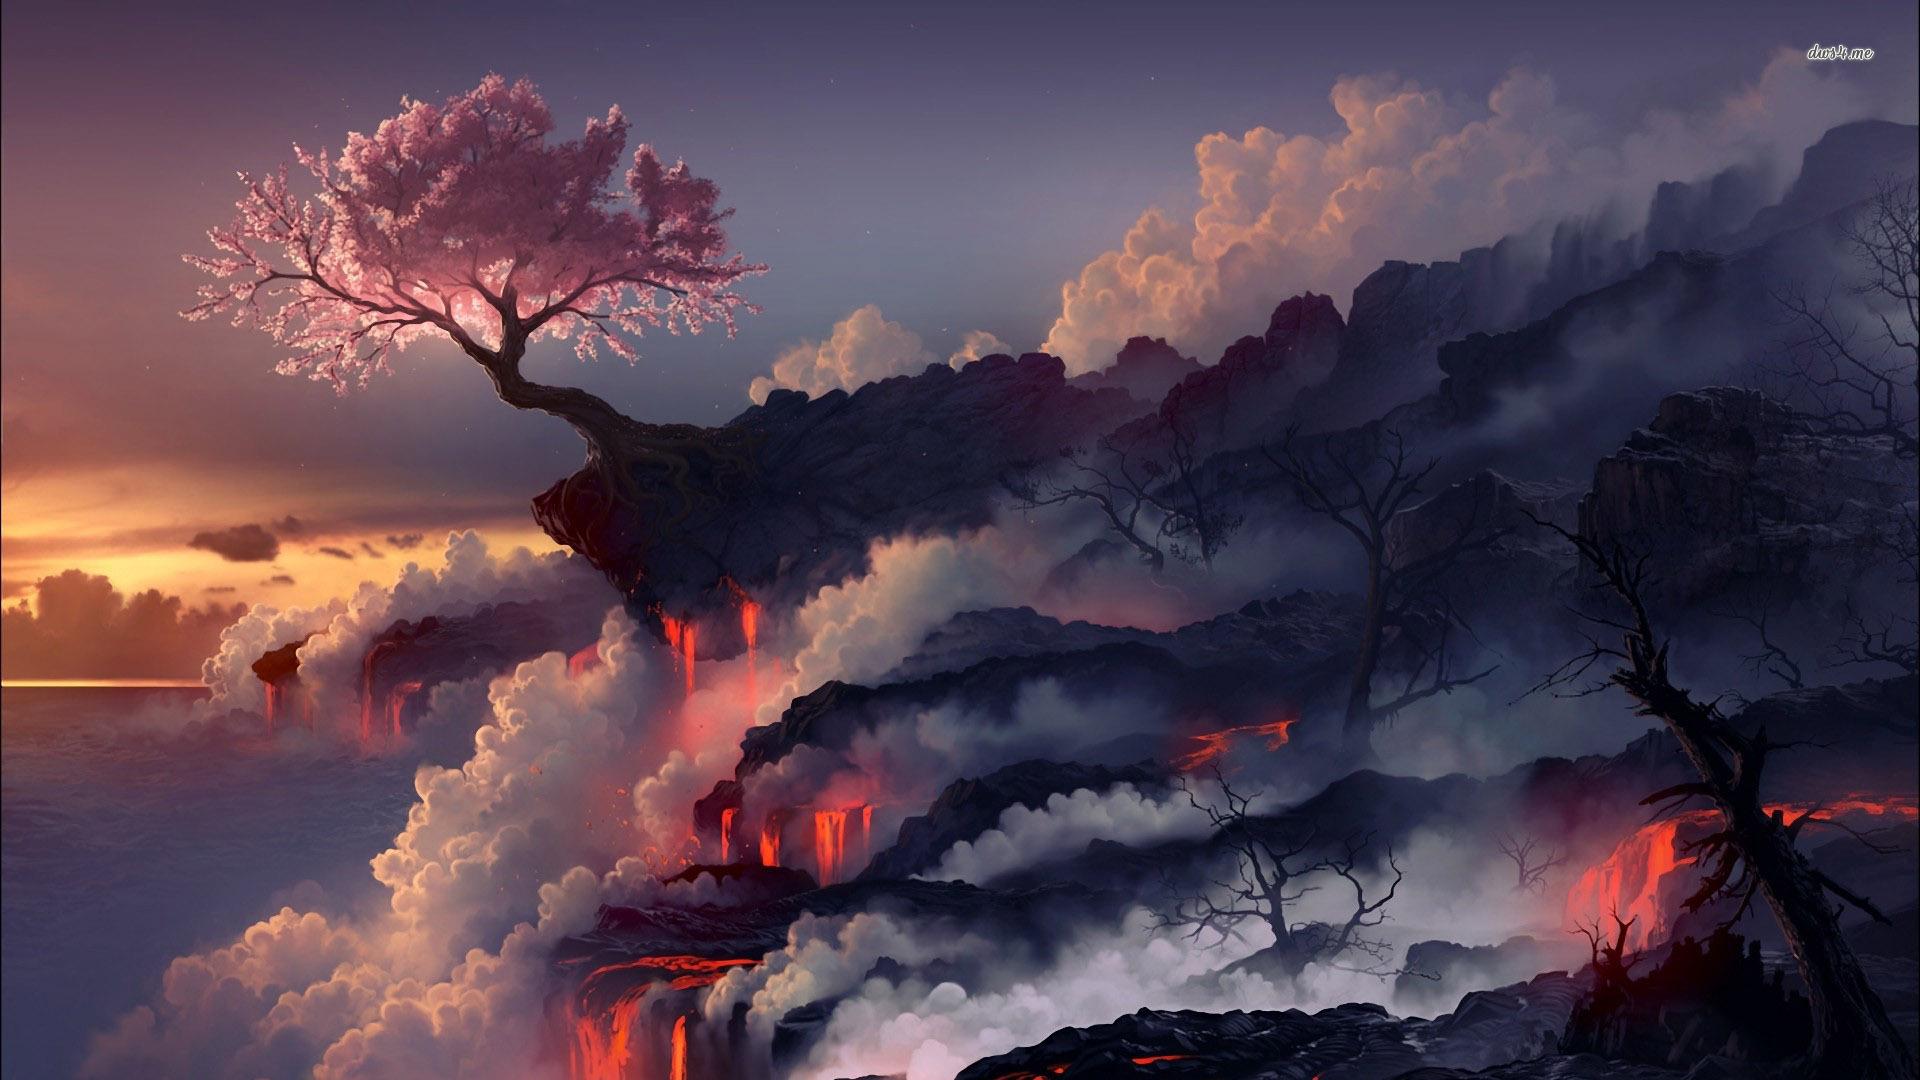 33 units of Volcano Wallpaper